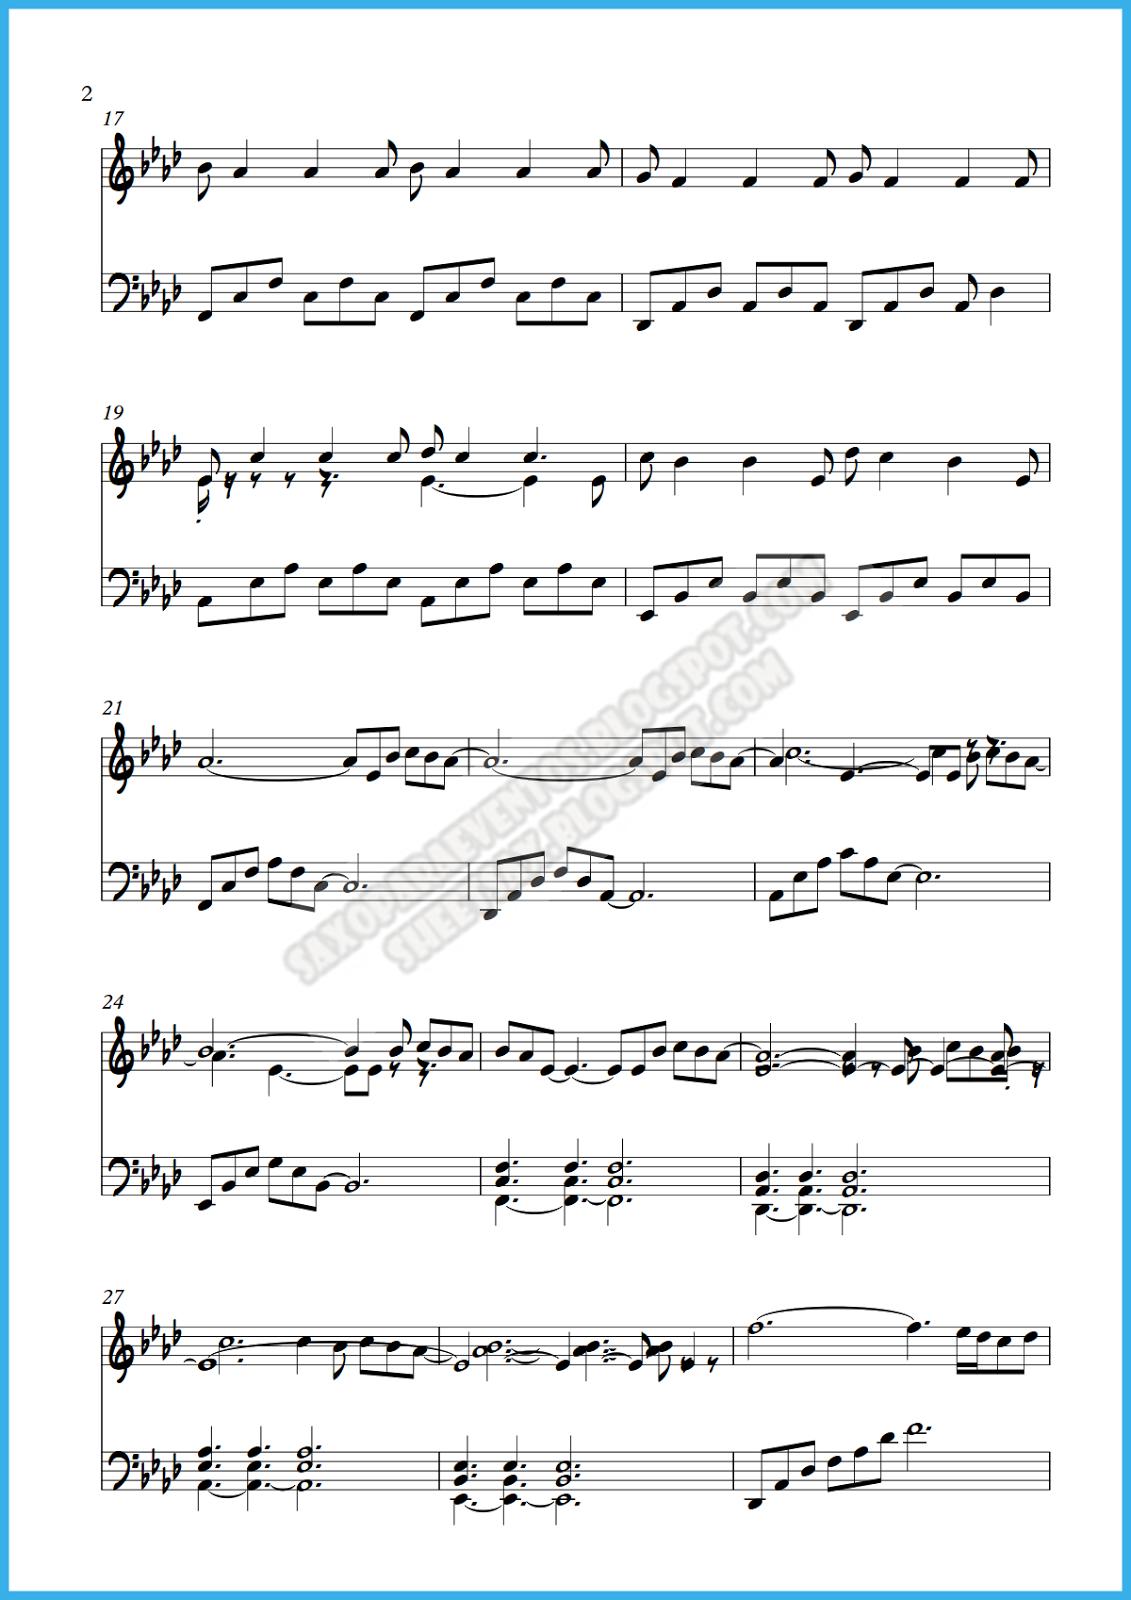 Mercedes Sosa Canciones Con Fundamento